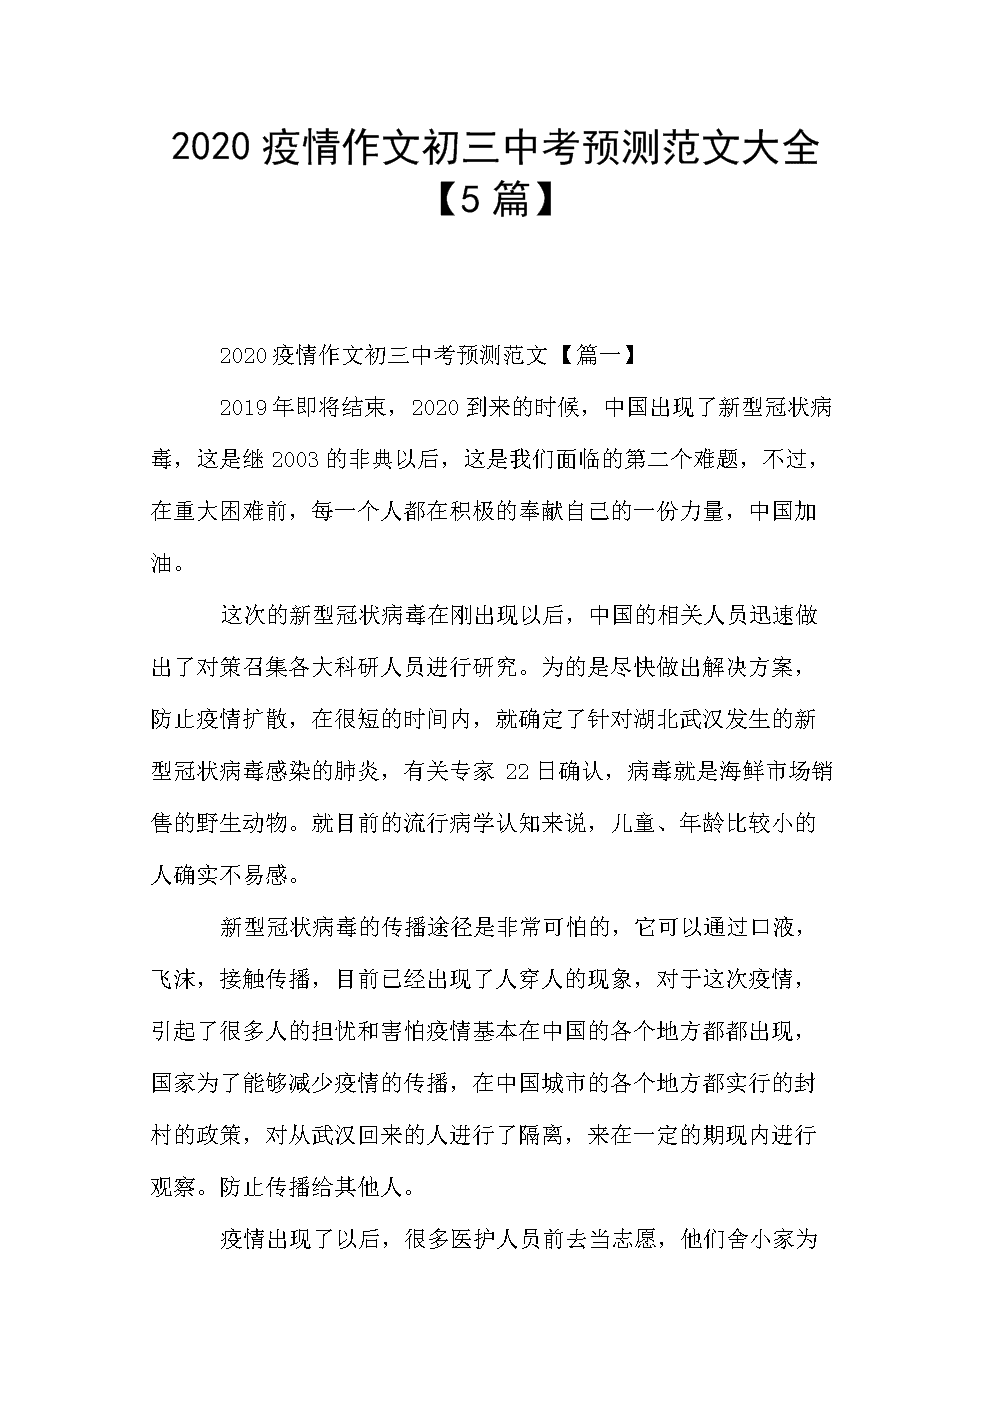 2020疫情作文初三中考预测范文大全【5篇】.doc